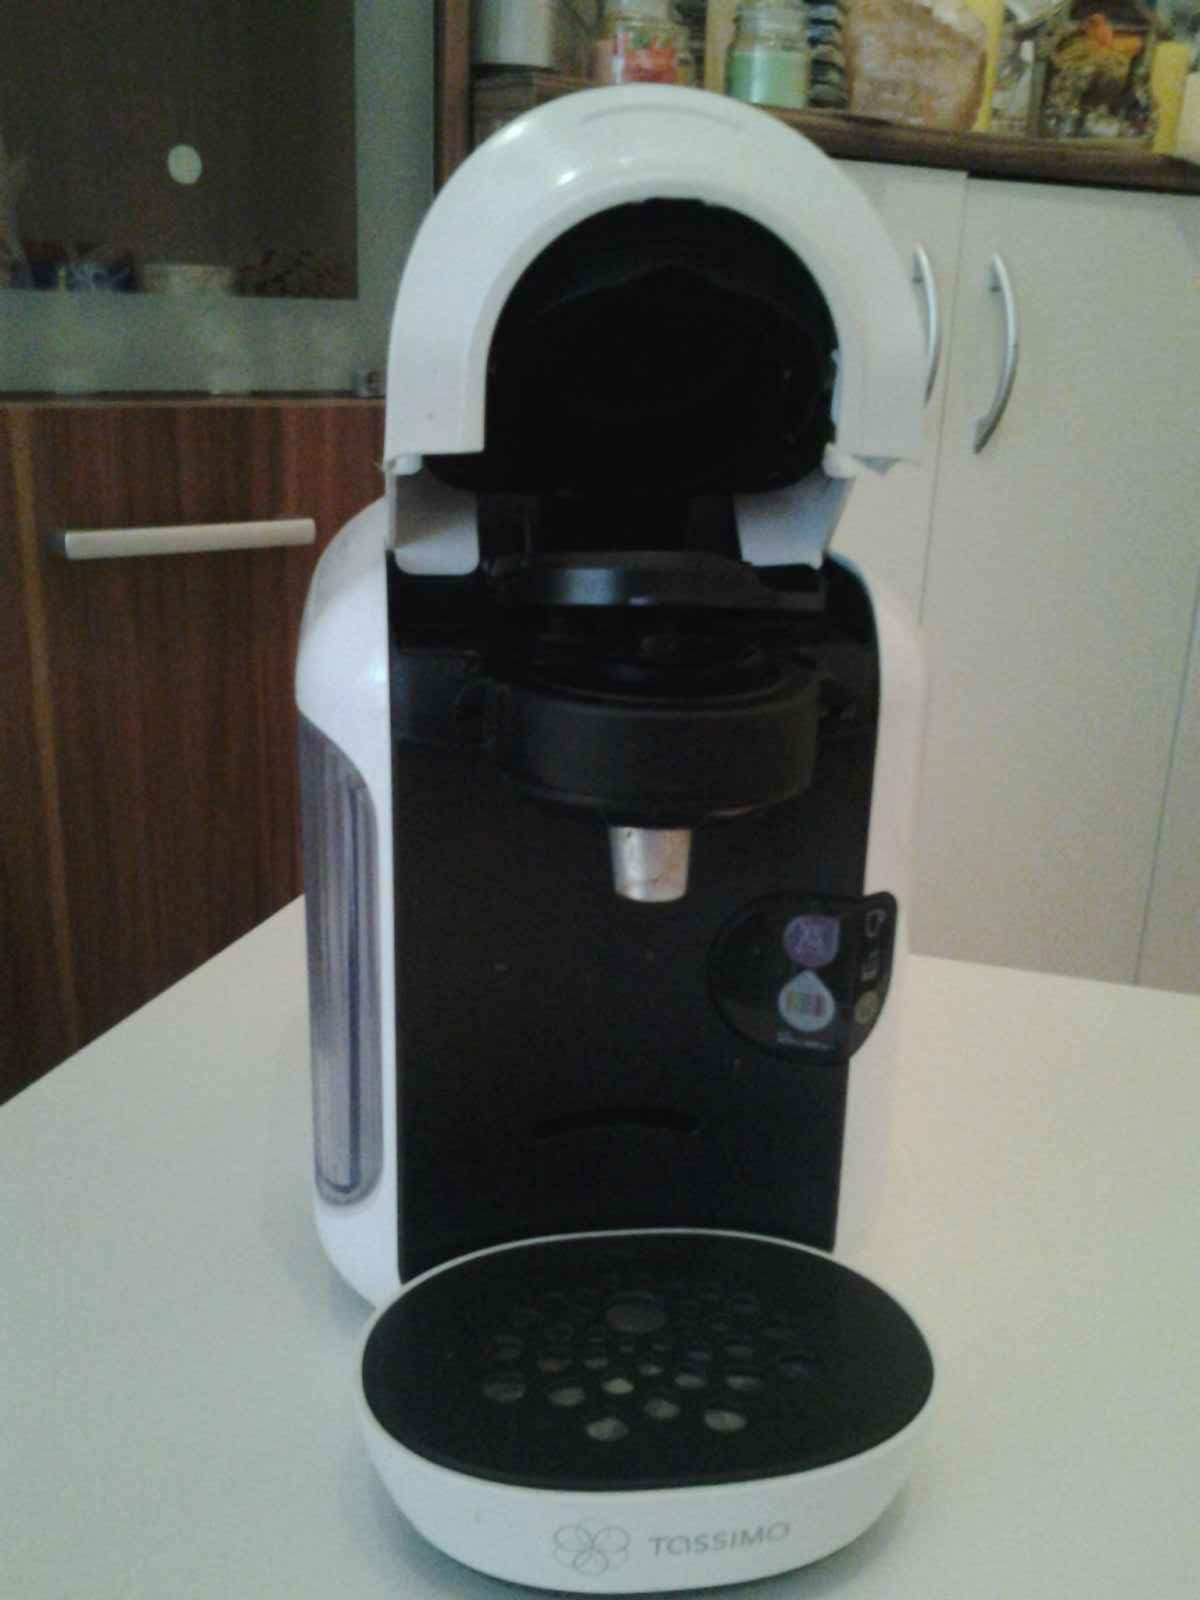 Kavovar Tassimo Bosch - Obrázok č. 1